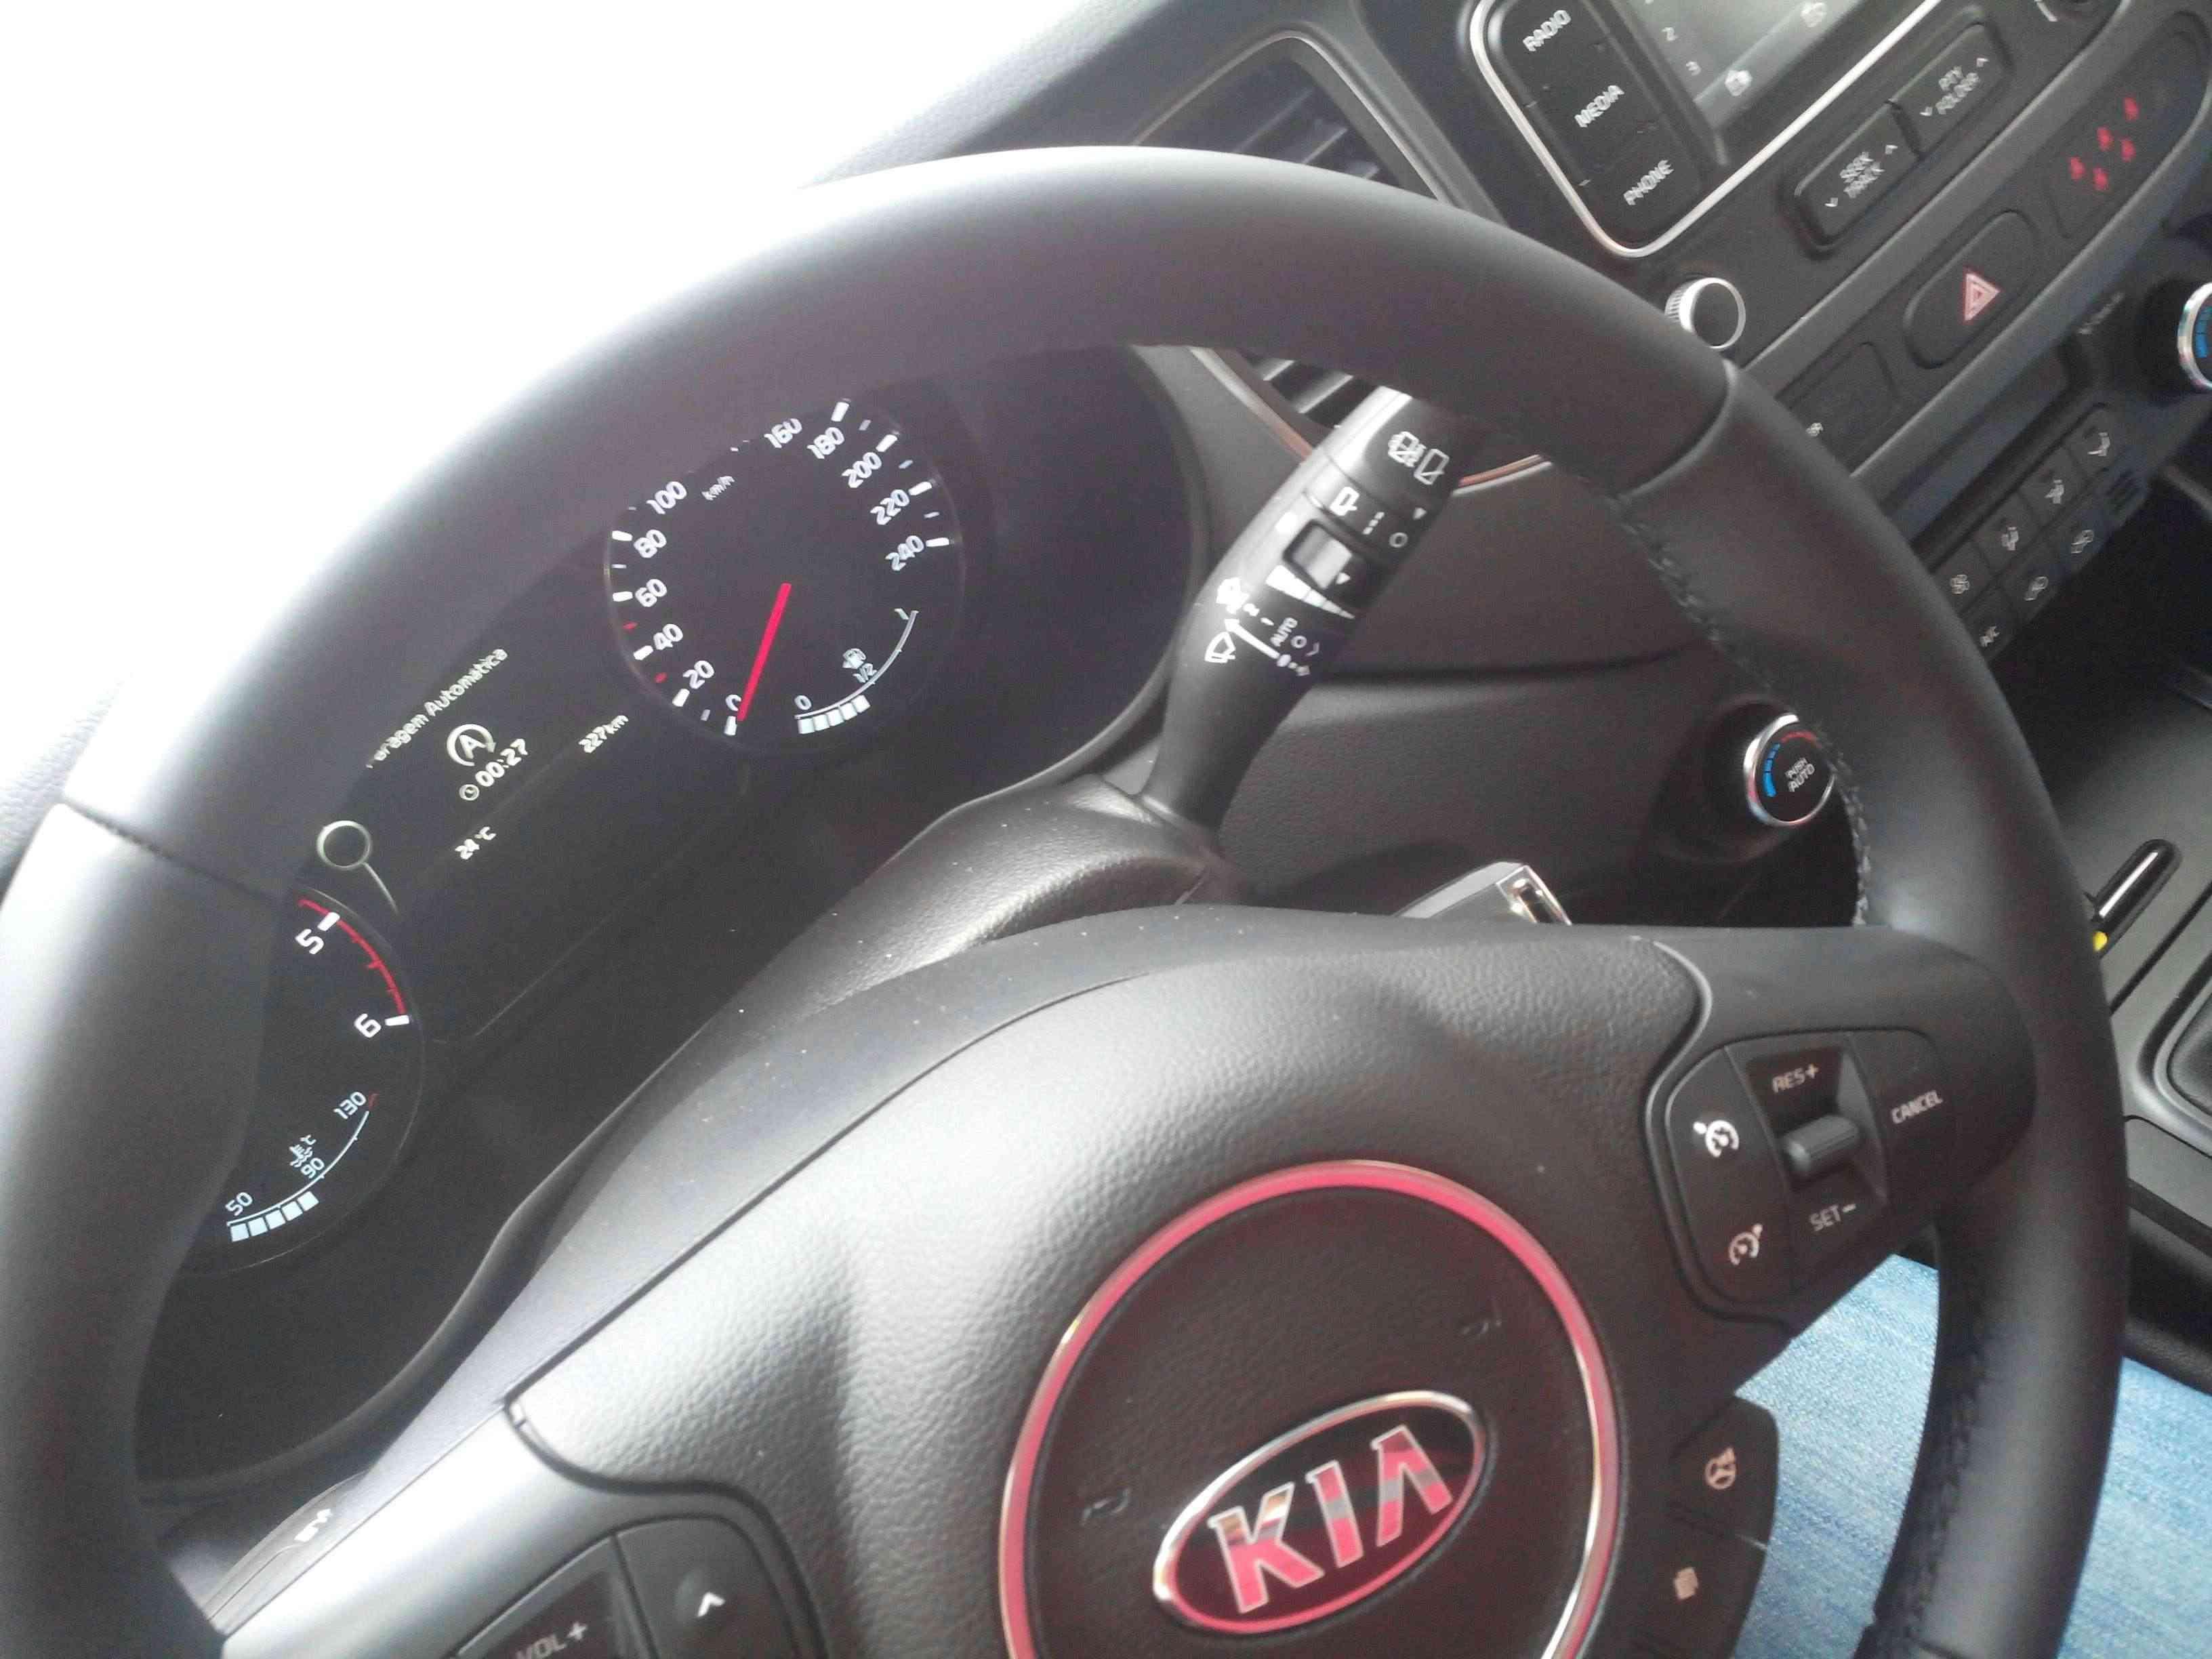 Kia Carens 1.7 TX CRDI 136cv e Kia Cee'd 1.6 CRDI 5p. - DO RUIZINHO  - Página 4 Img_2015